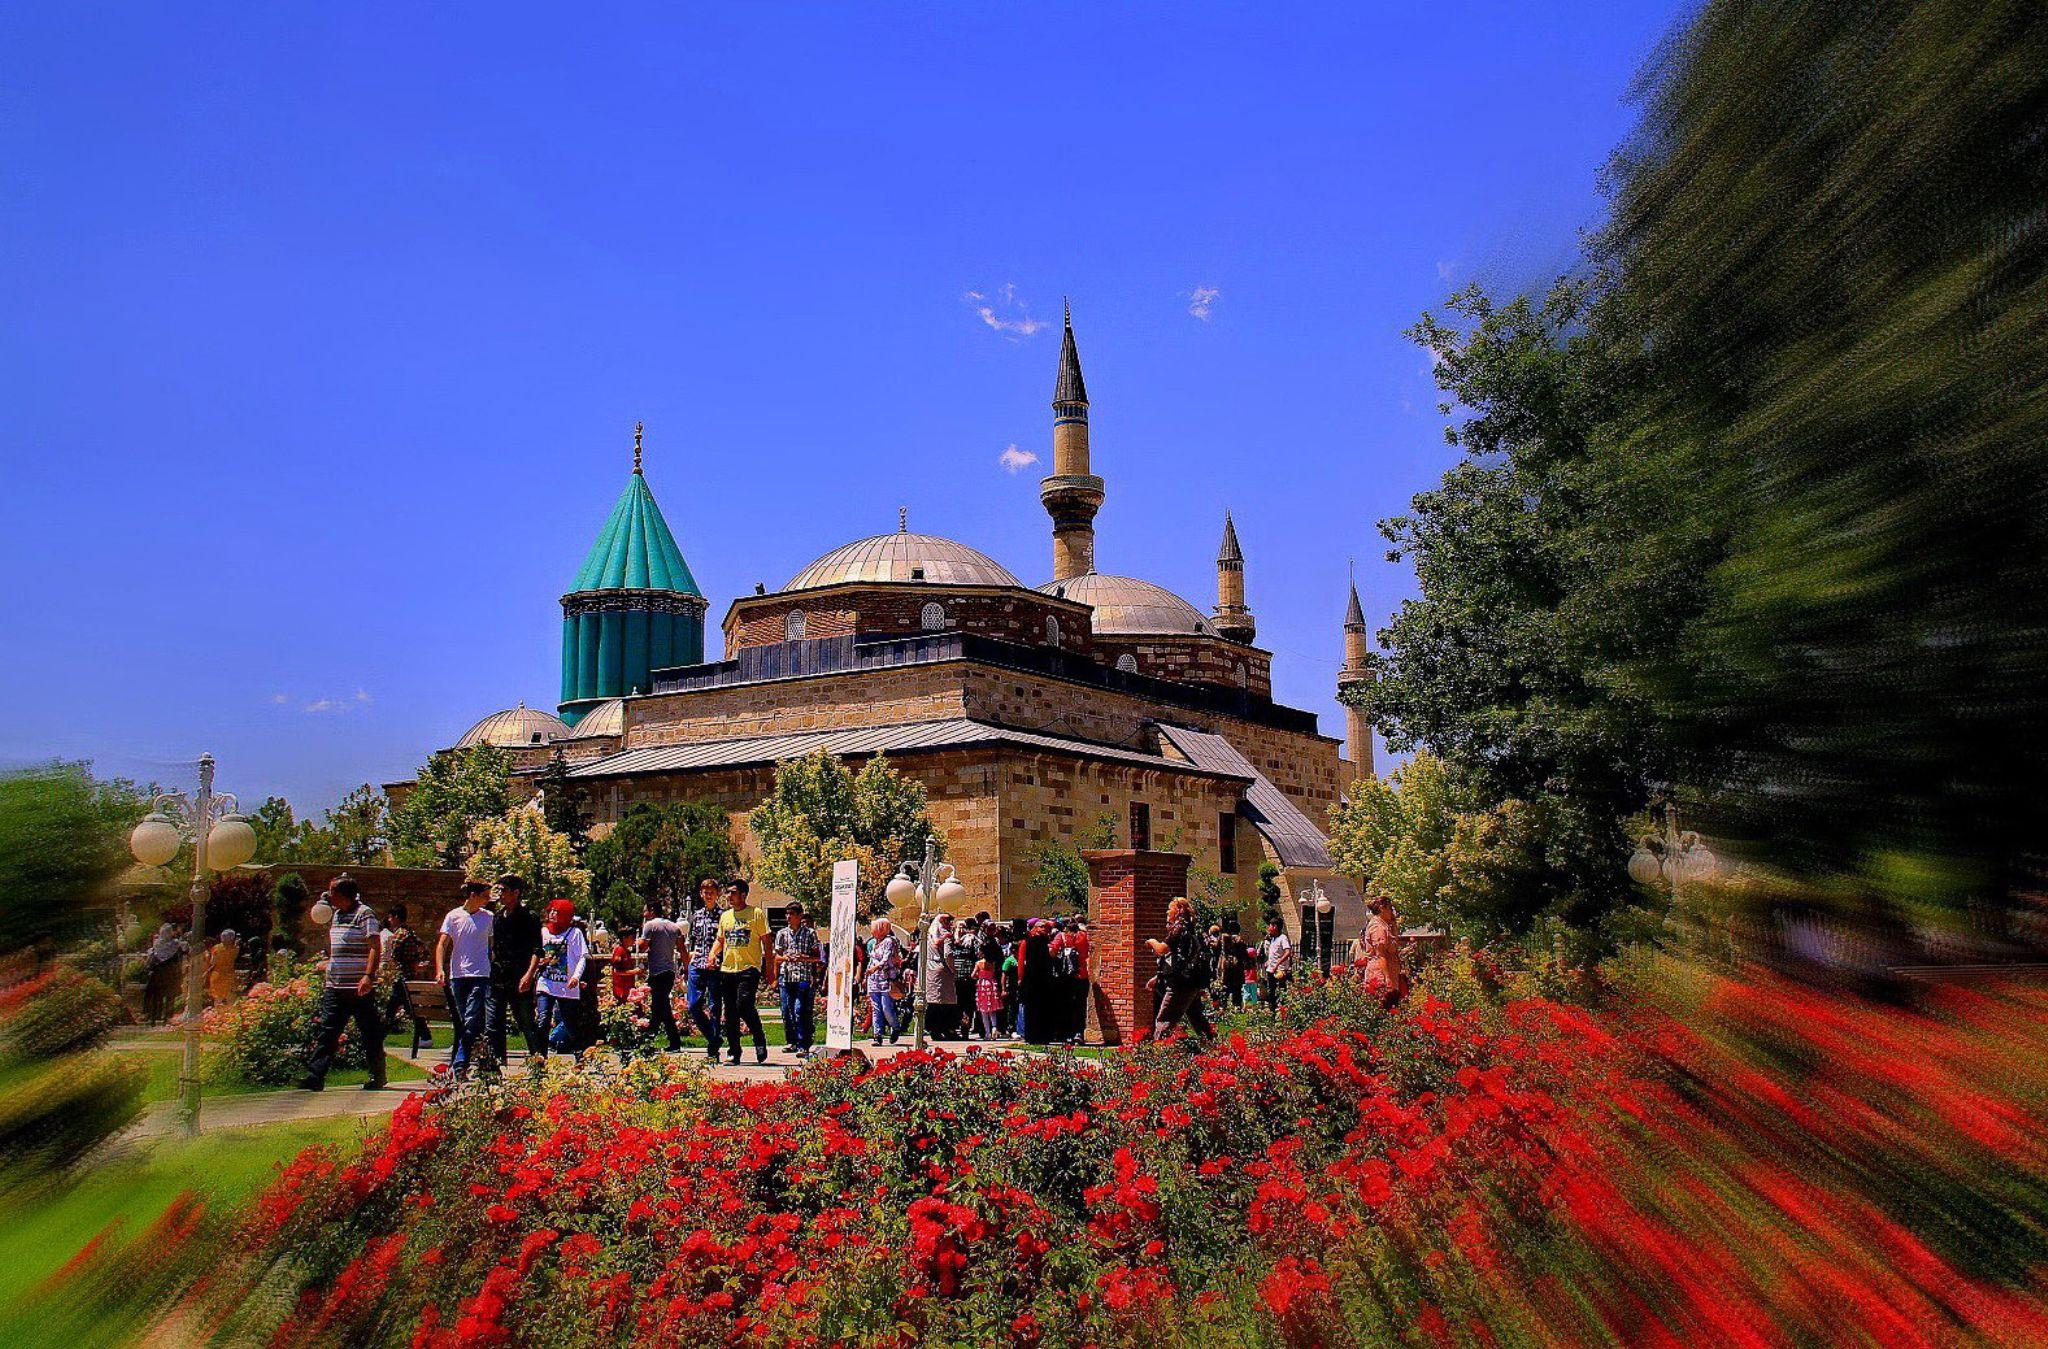 Mevlana Tomb - konya-turkey by atak1